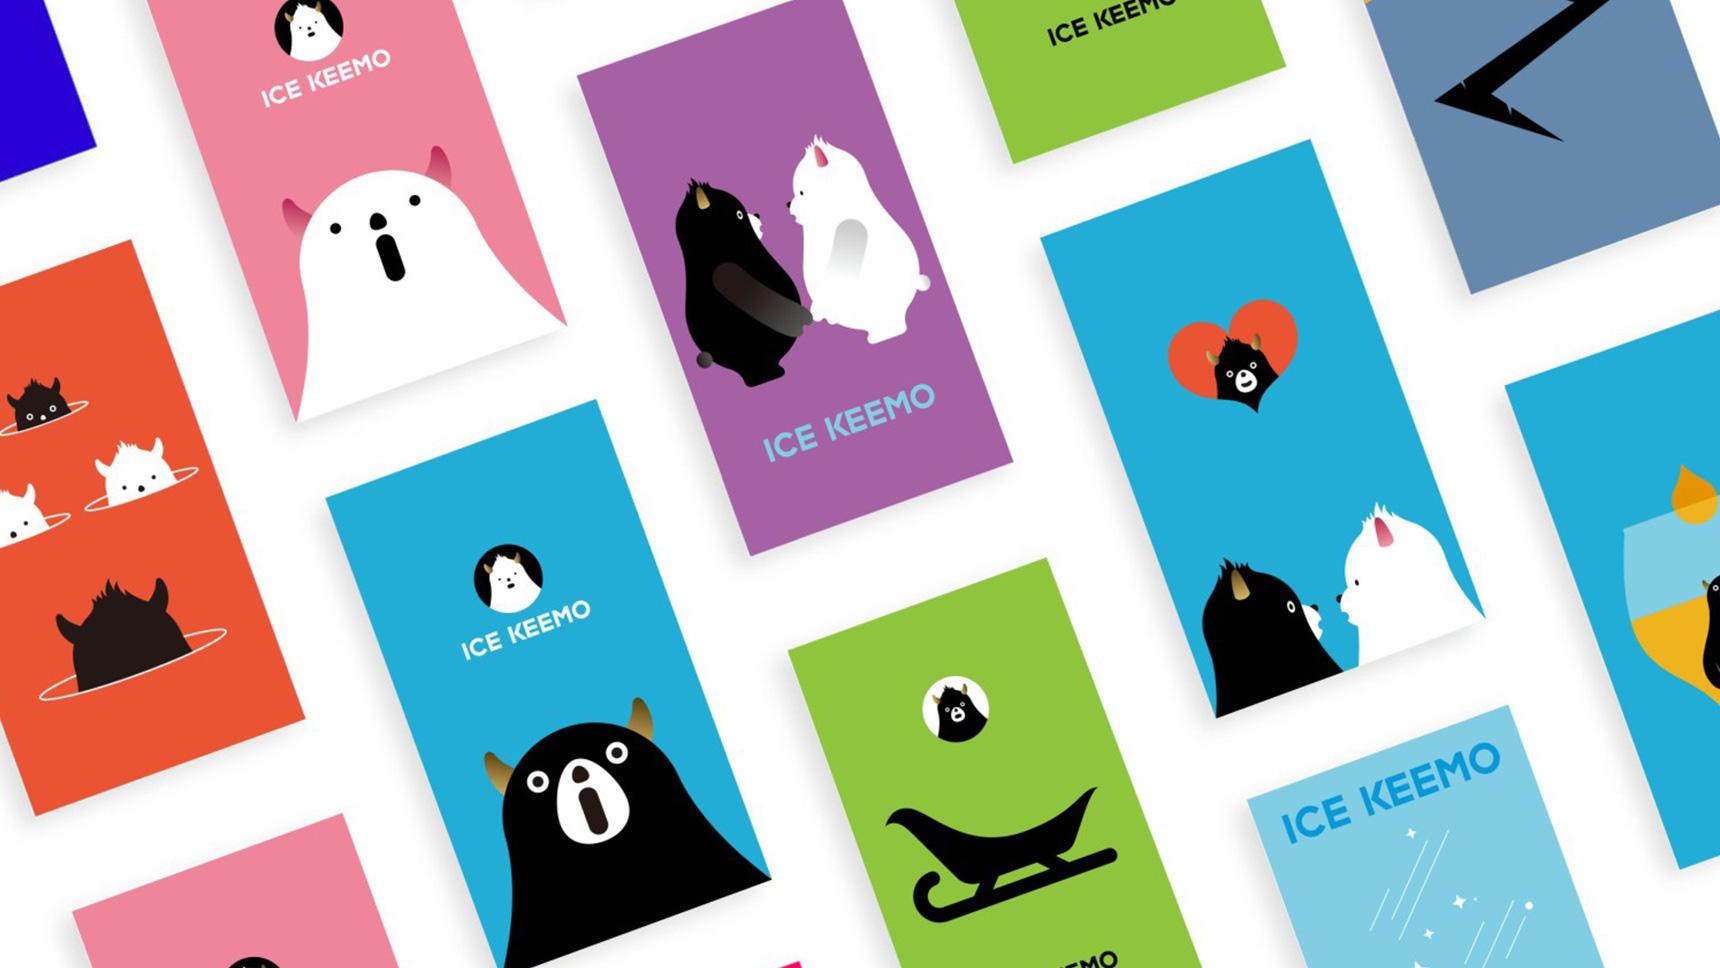 企业IP卡通形象品牌logo设计 × 枫桥设计